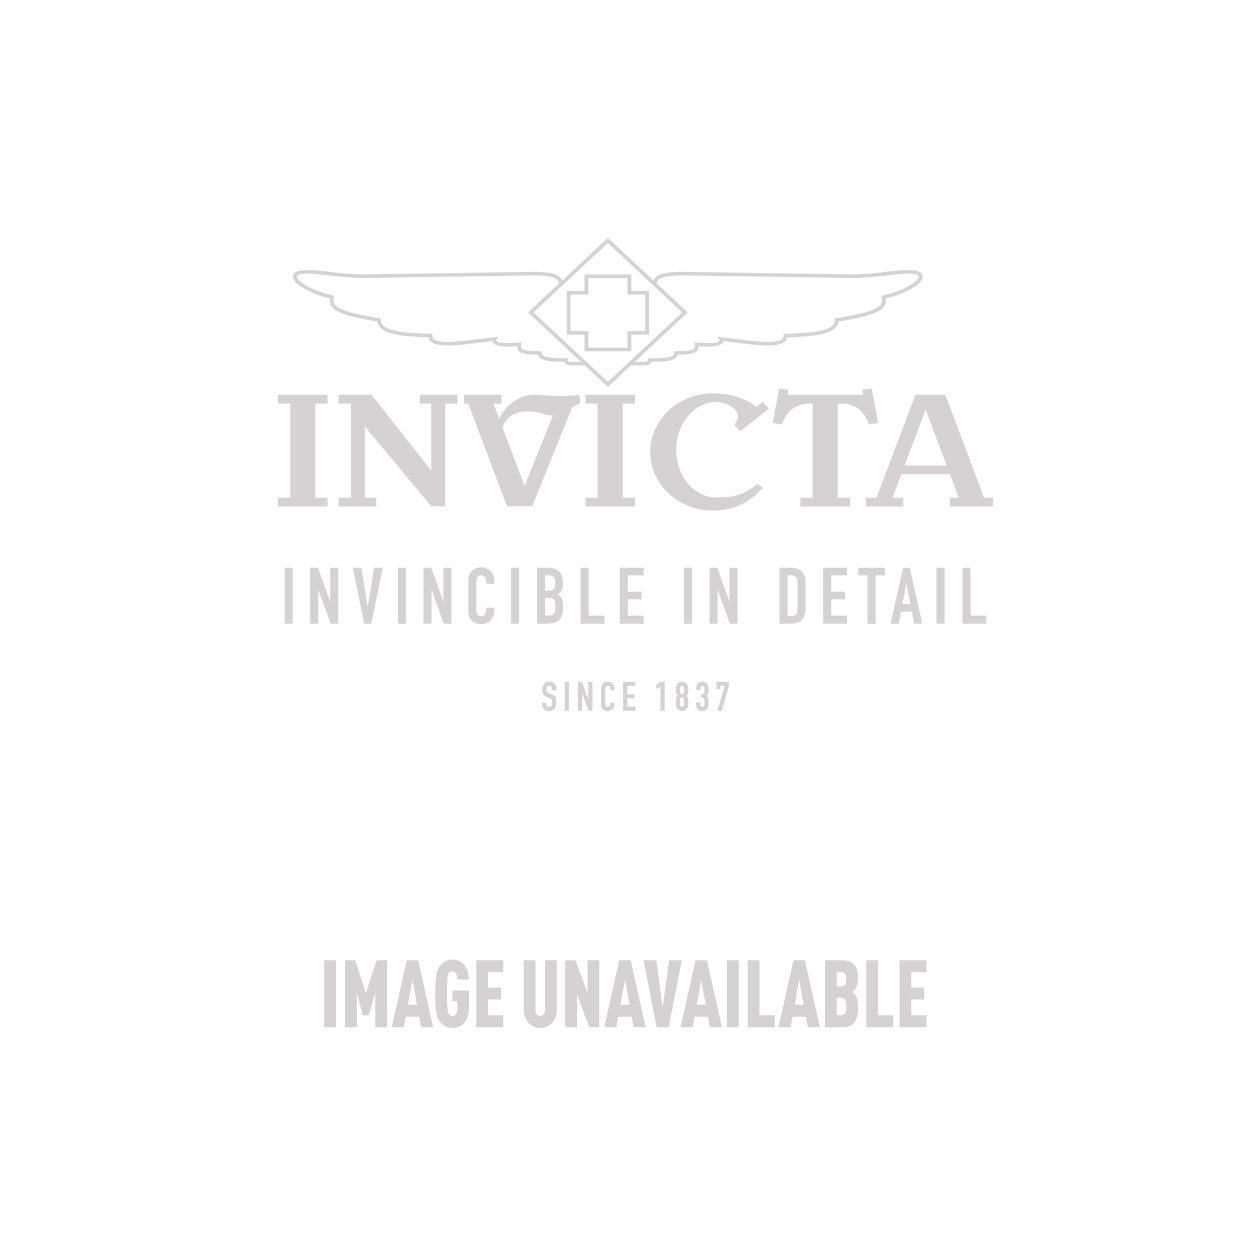 Invicta Model 24788